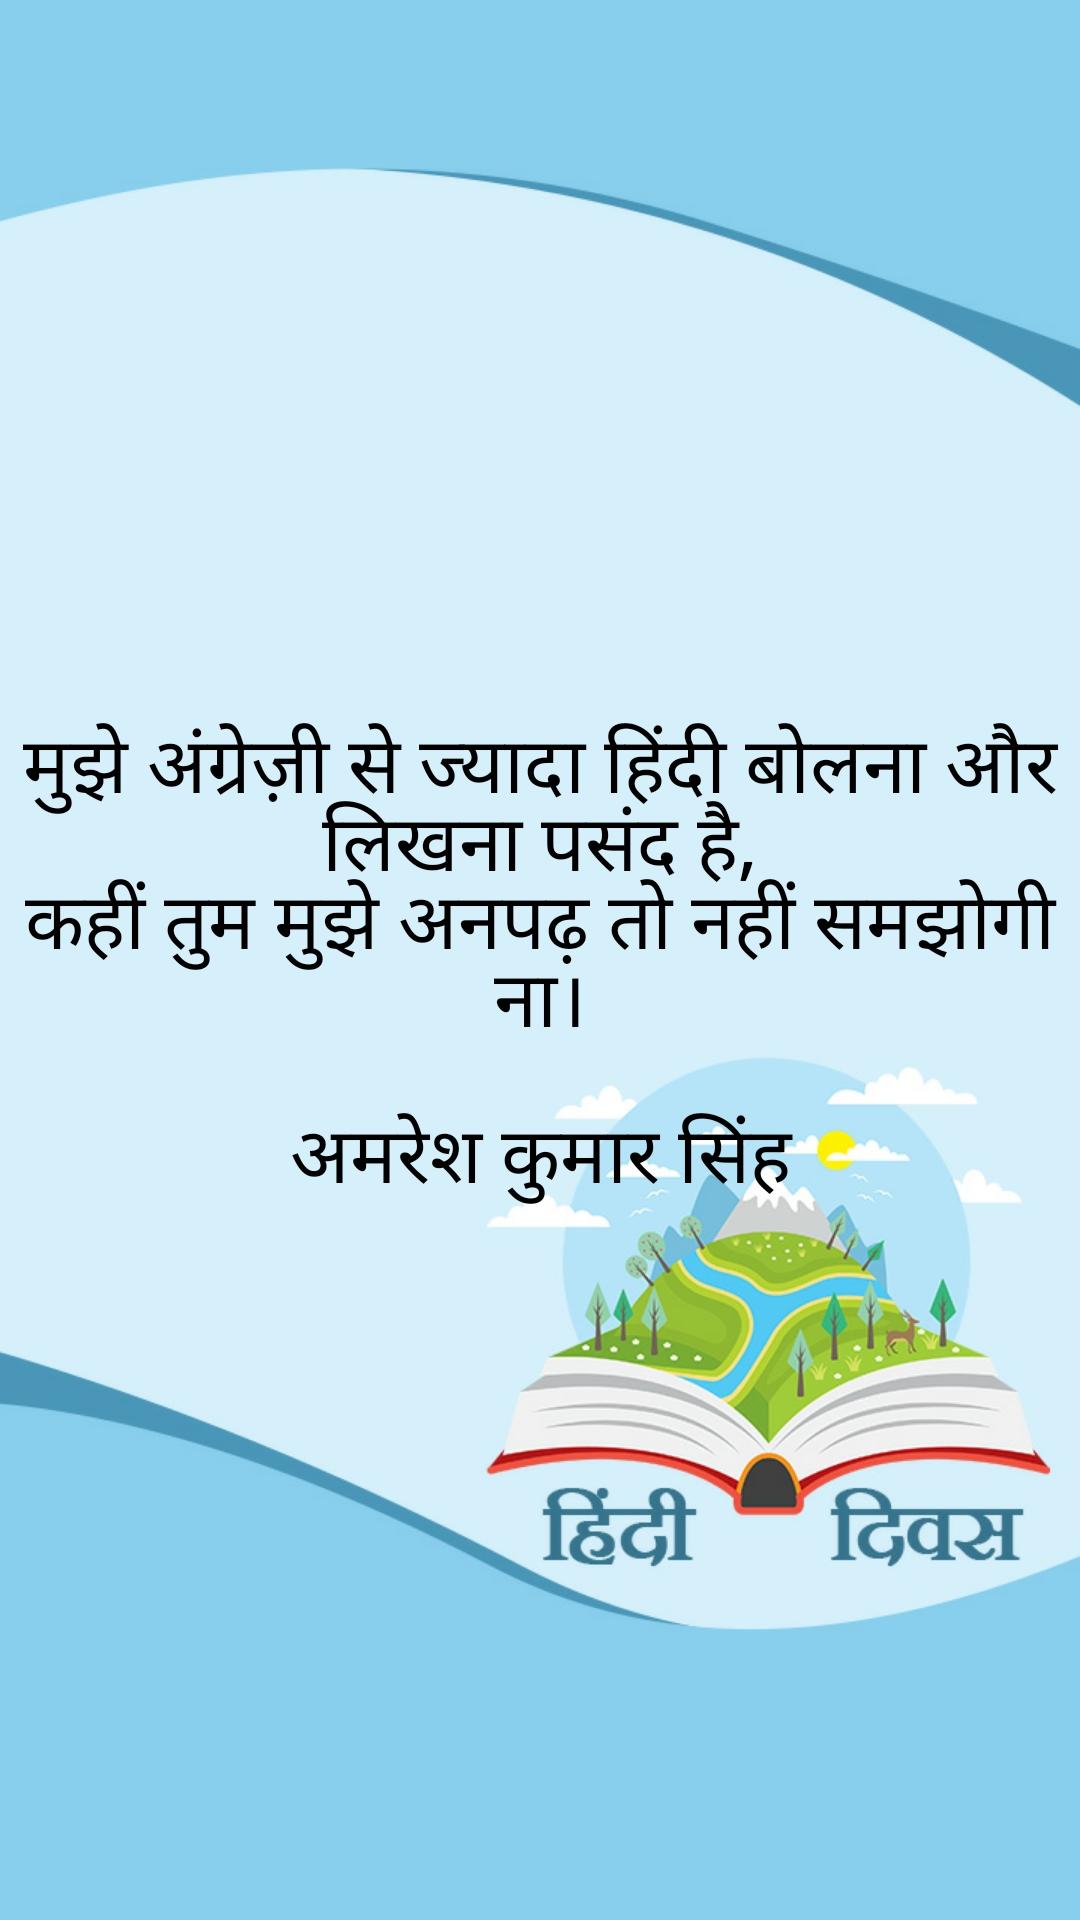 मुझे अंग्रेज़ी से ज्यादा हिंदी बोलना और लिखना पसंद है, कहीं तुम मुझे अनपढ़ तो नहीं समझोगी ना।  अमरेश कुमार सिंह